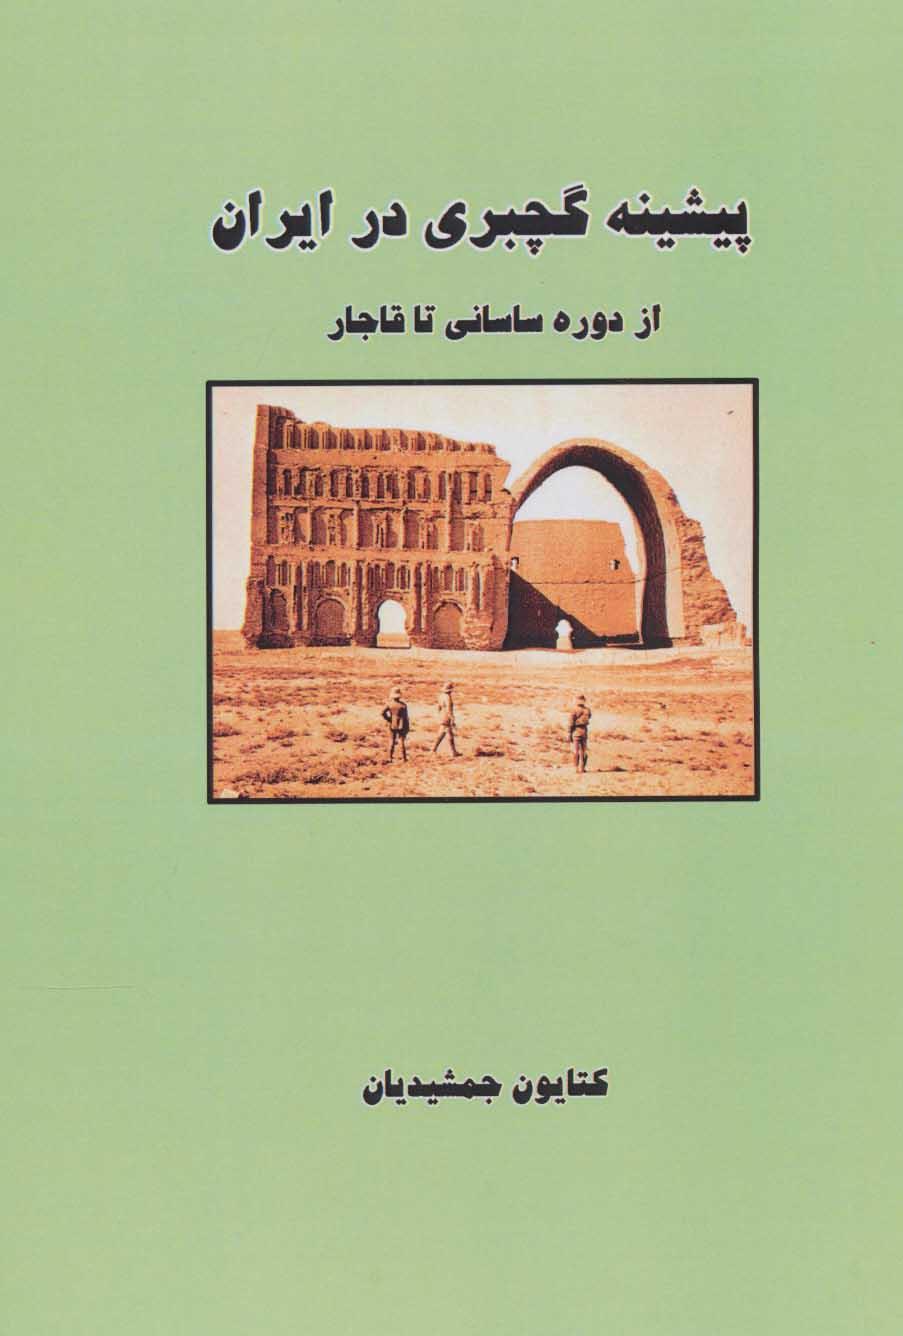 پیشینه گچبری در ایران (از دوره ساسانی تا قاجار)